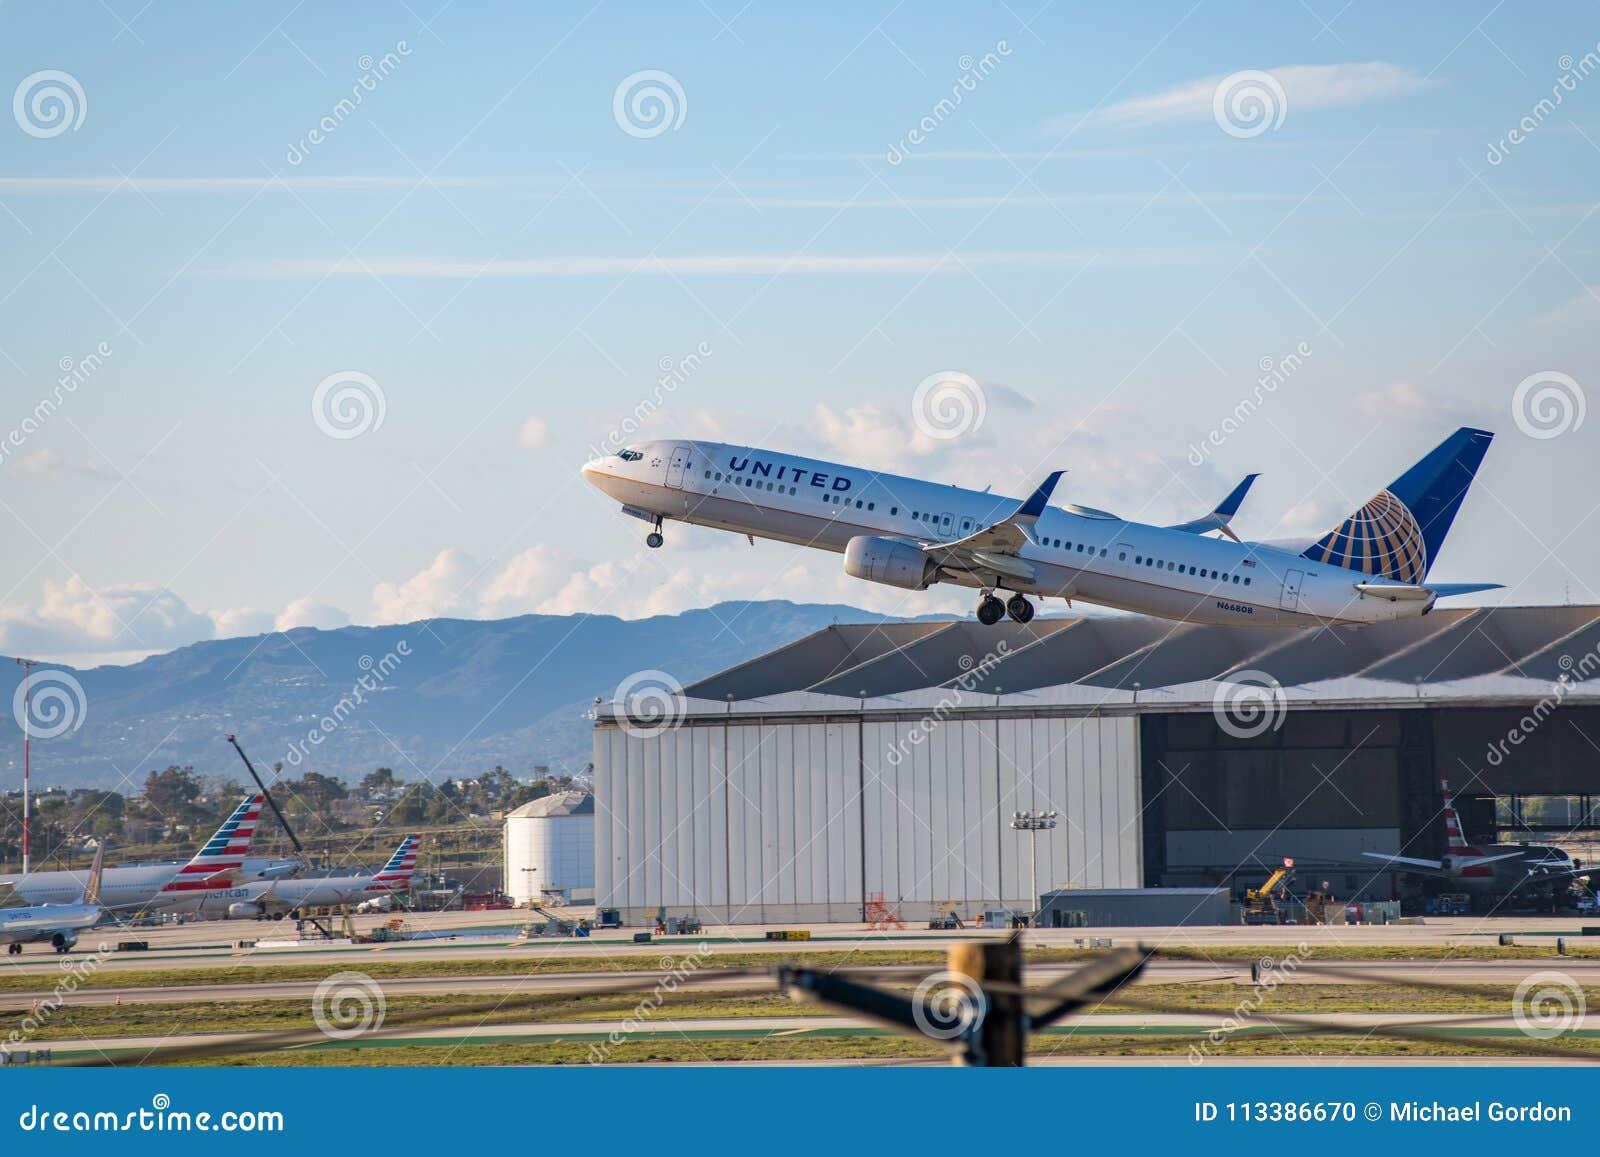 United Airlines Jet Takes Off på den SLAPPA Los Angeles internationella flygplatsen